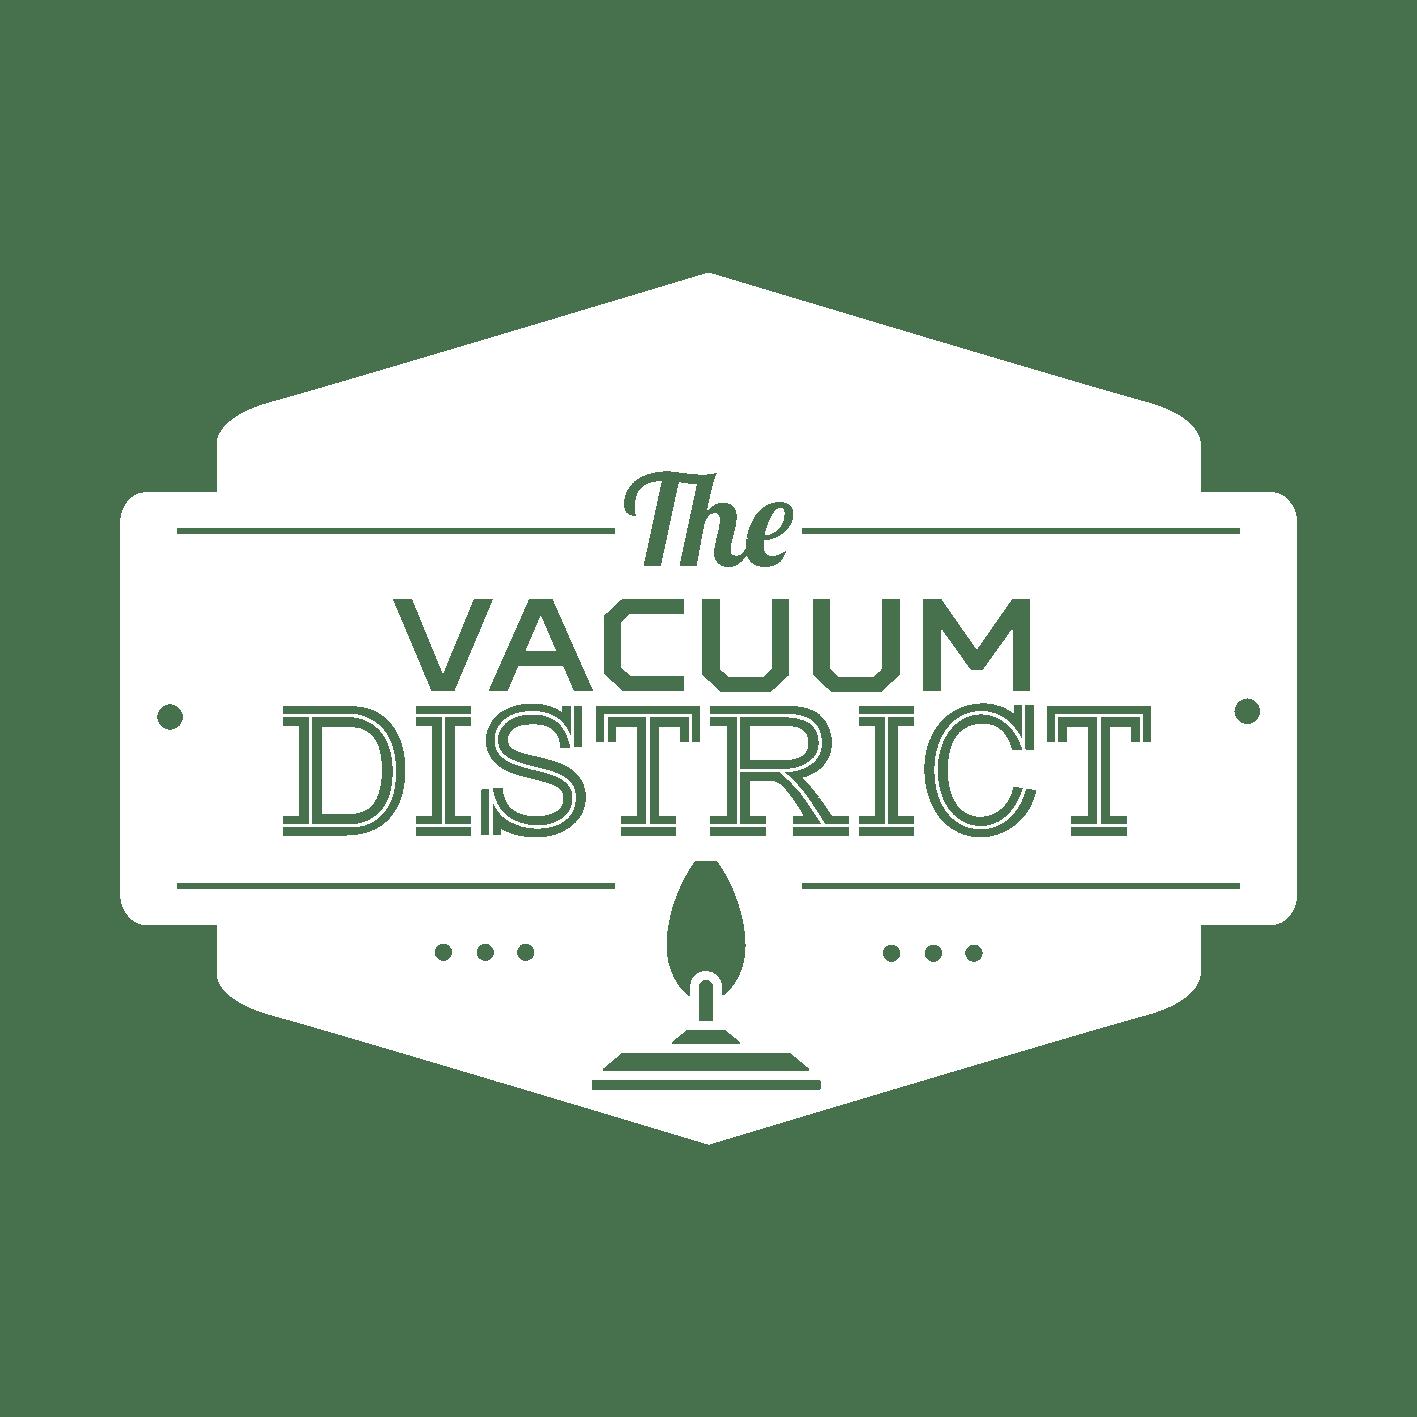 the vacuum district logo